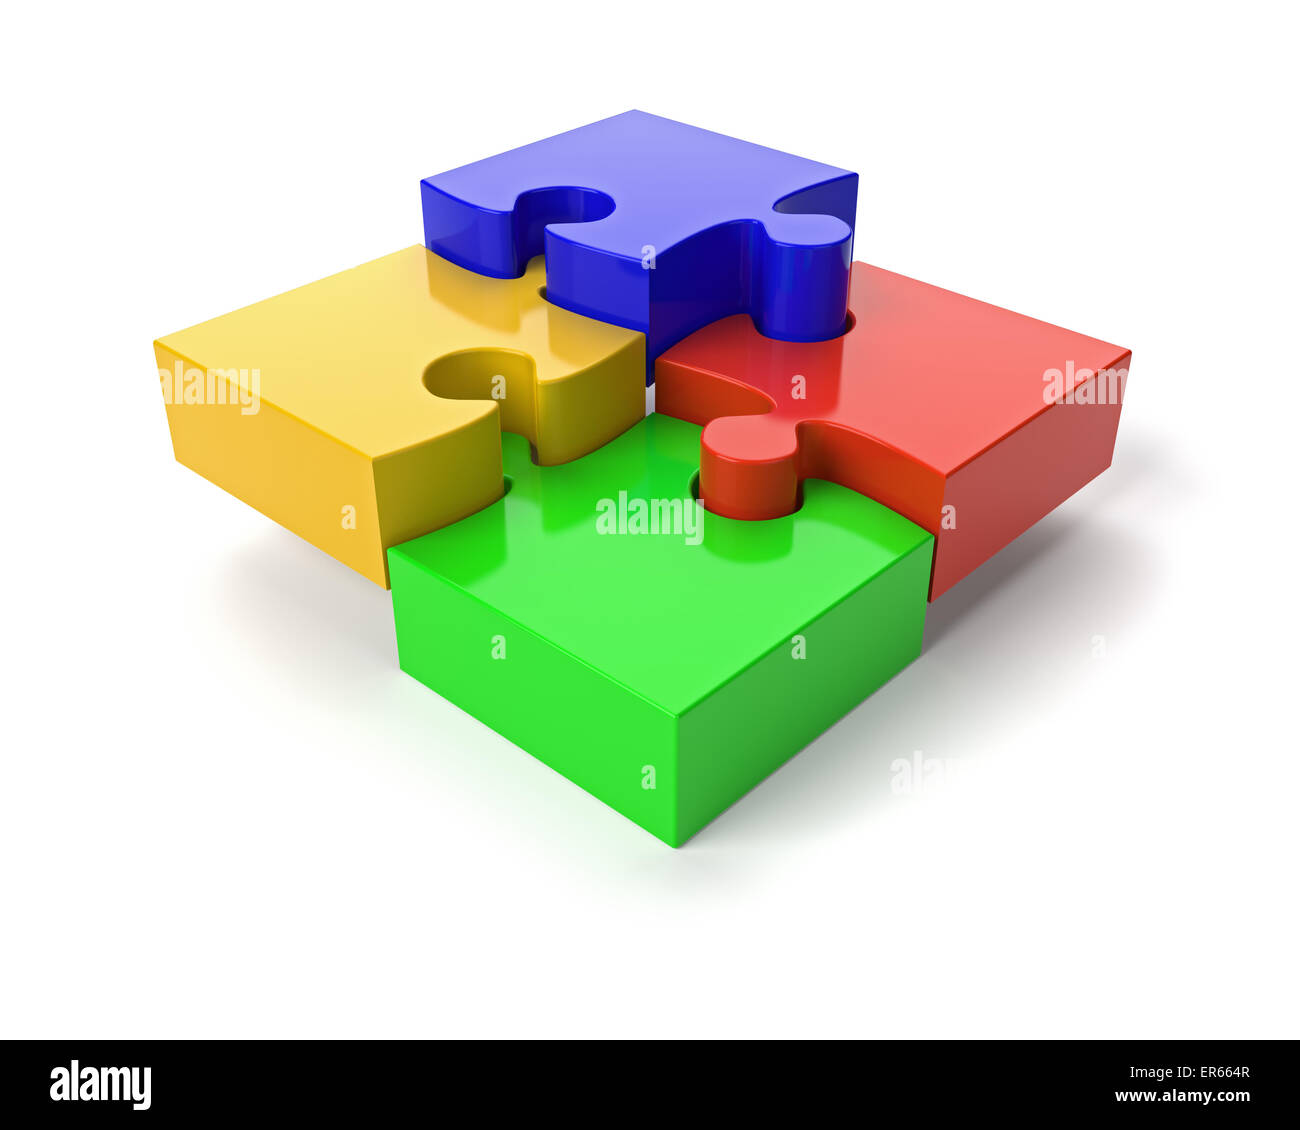 Cuatro piezas de un rompecabezas sobre fondo blanco. Imagen De Stock